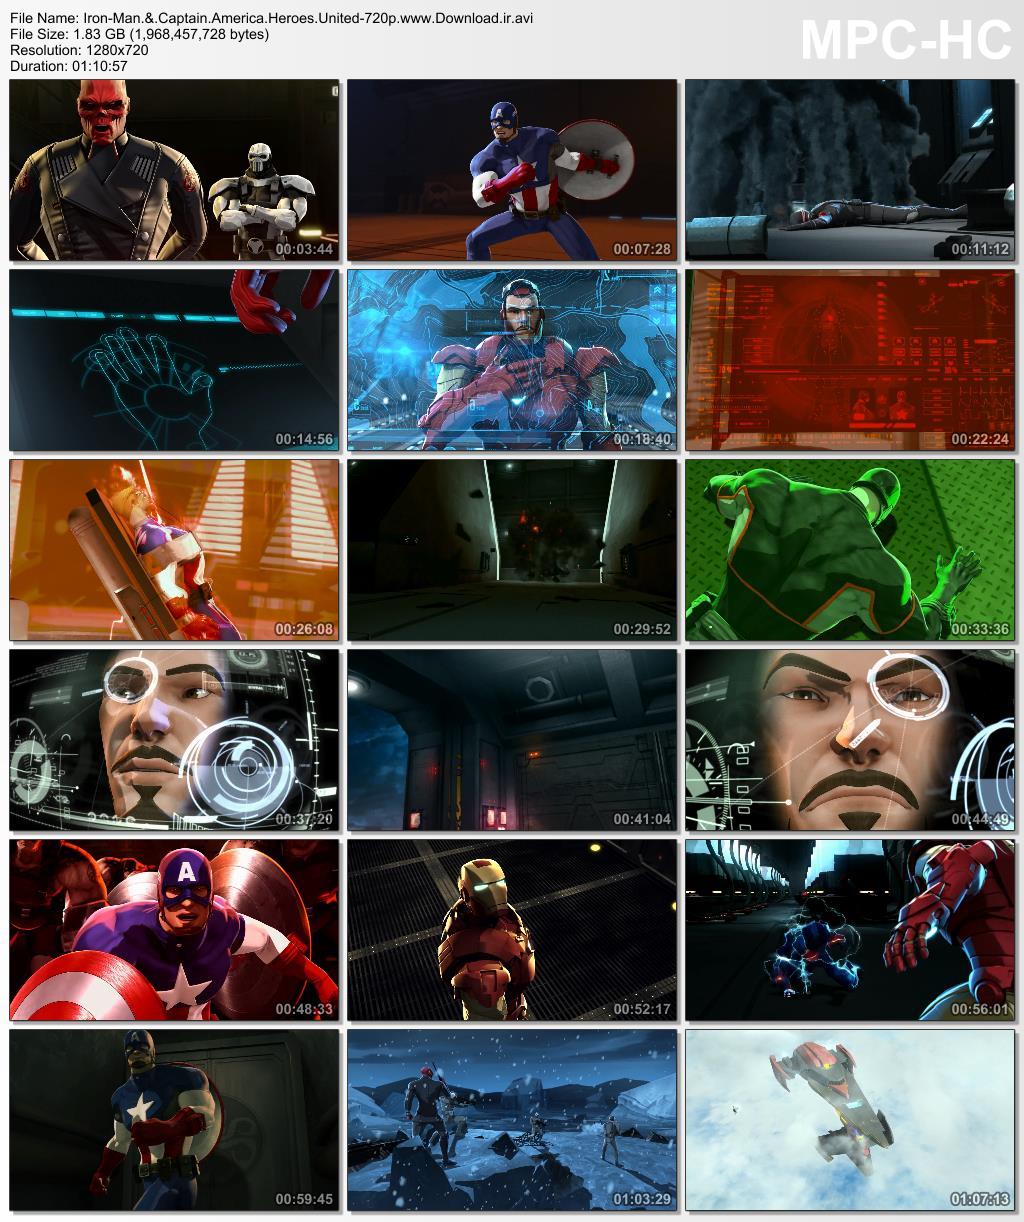 دانلود کارتون انیمیشن Iron Man & Captain America: Heroes United